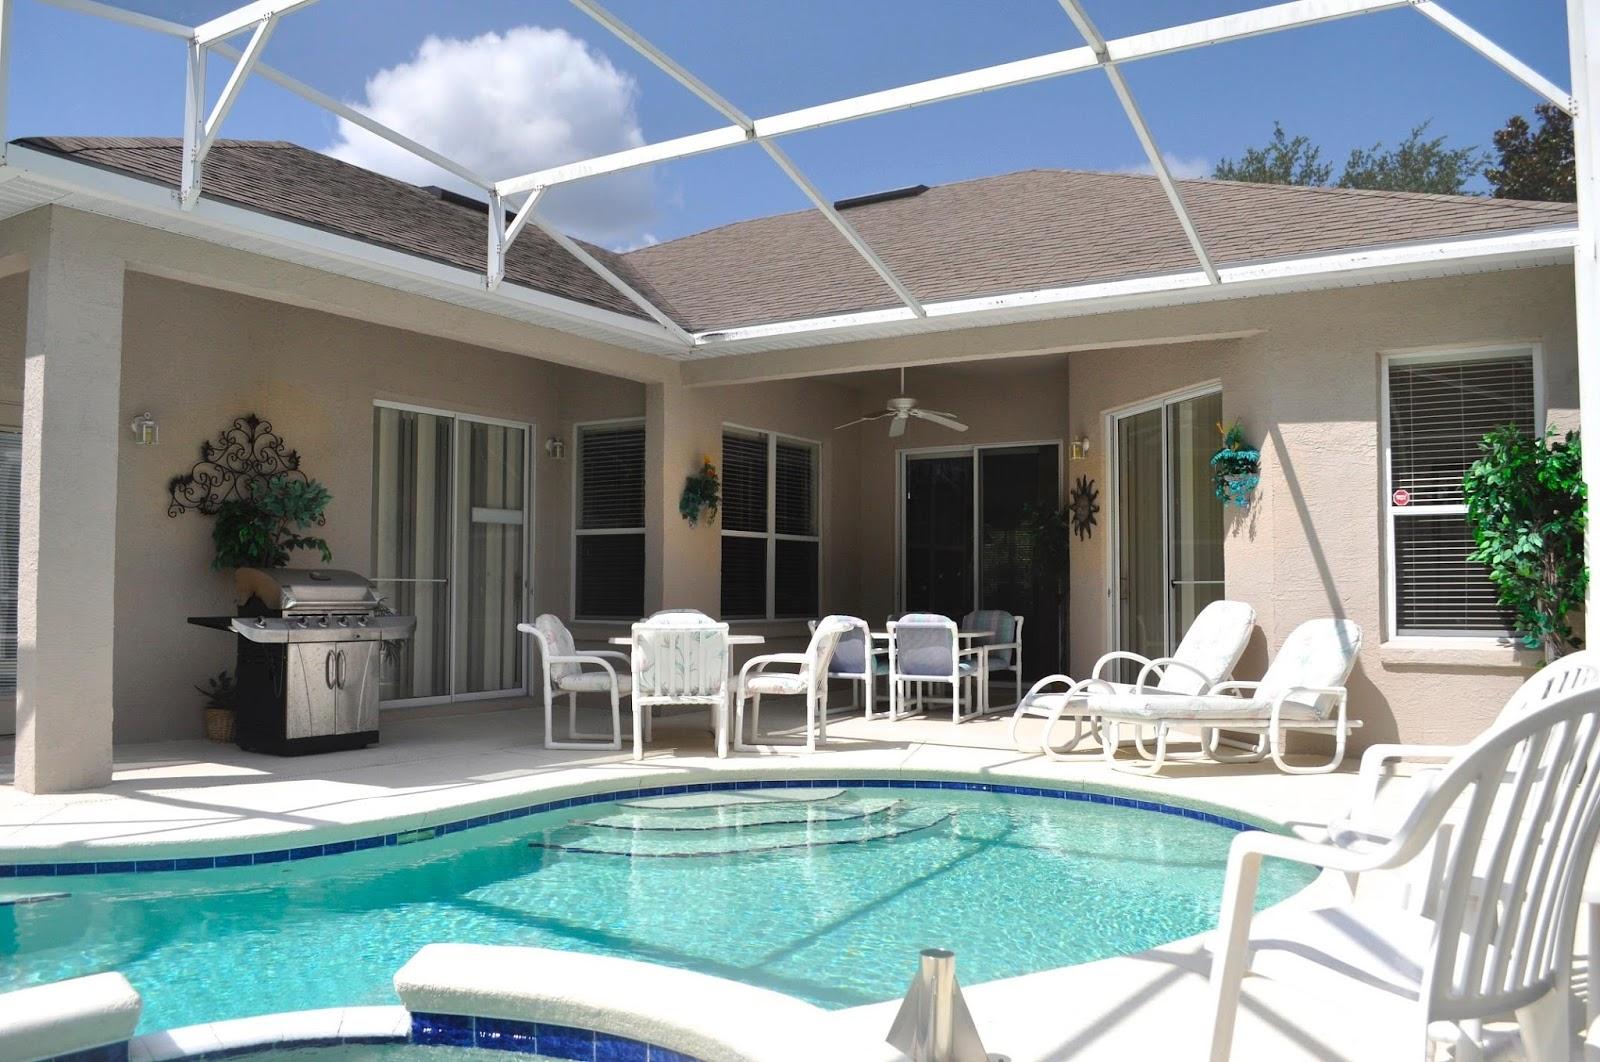 Aluguel de casas em Orlando